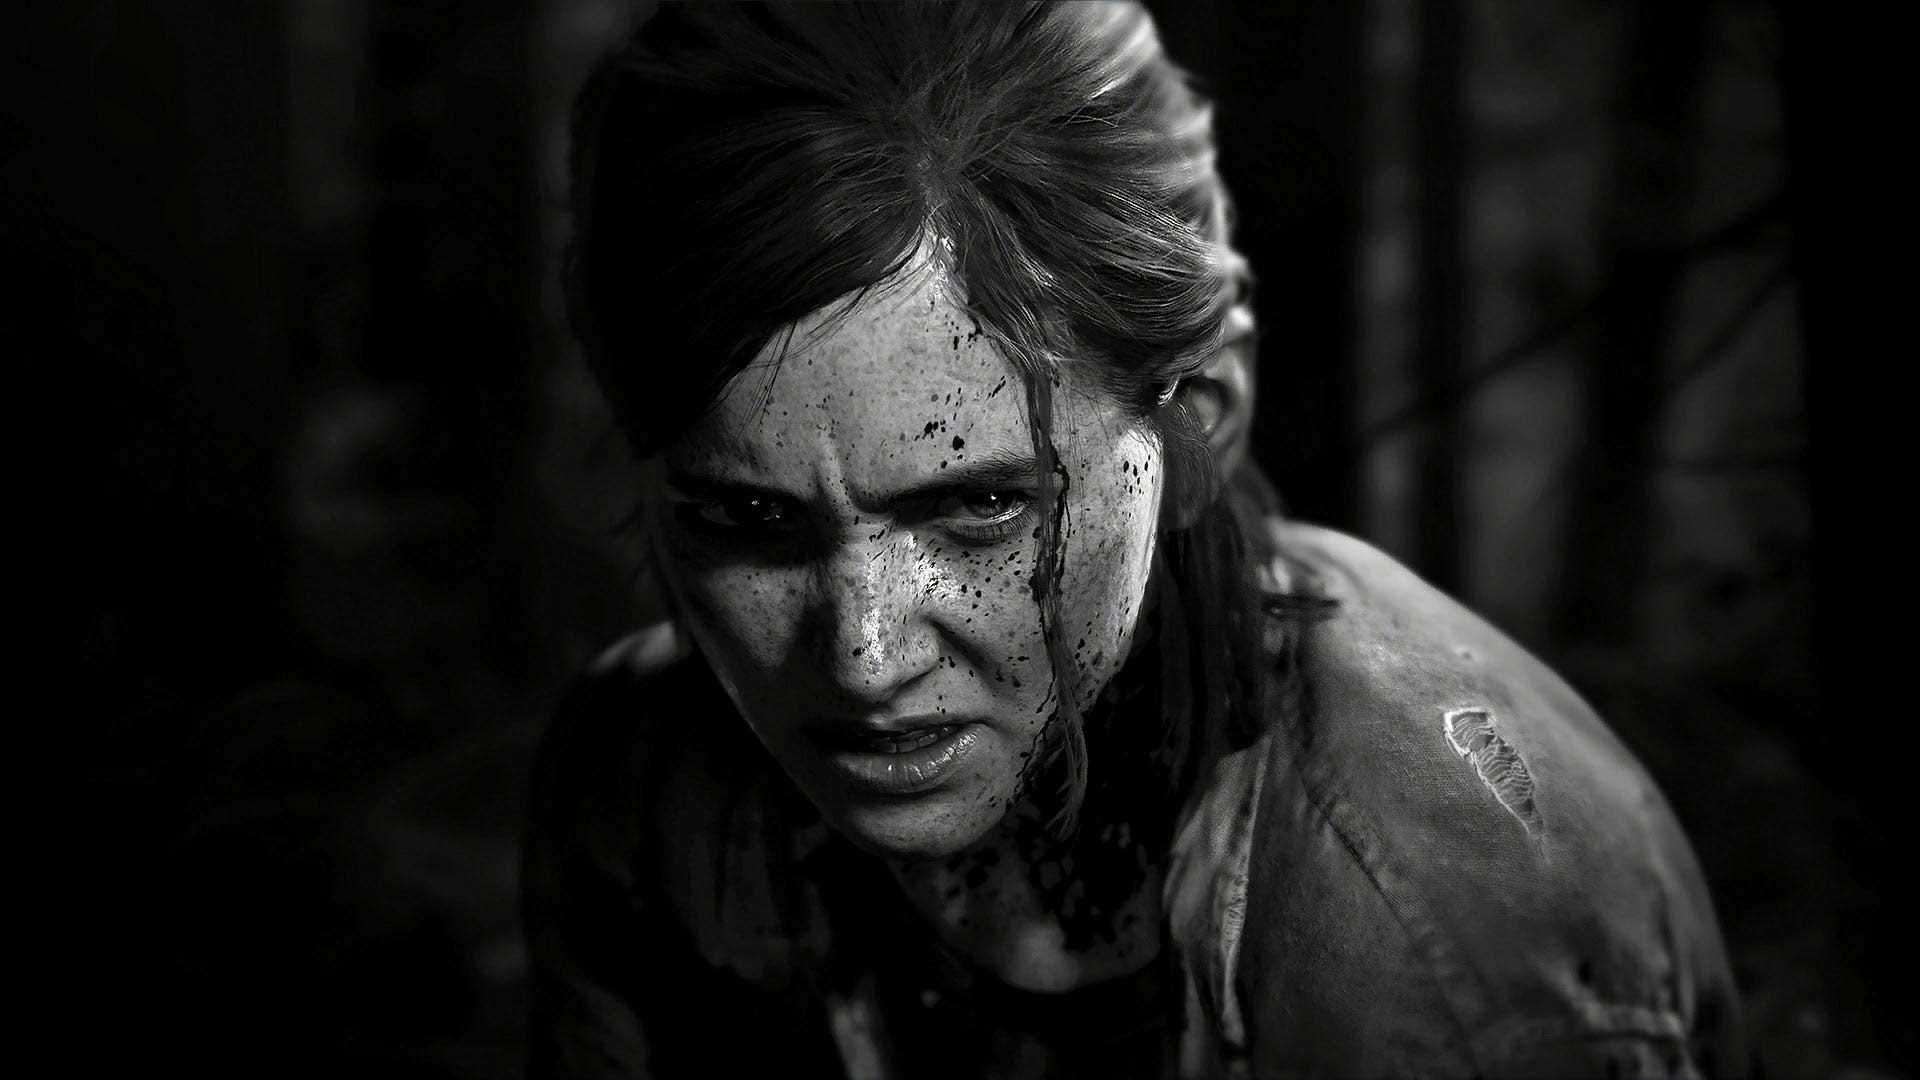 چهره خشمگین الی در تصویر سیاه و سفید و دیدنی بازی The Last of Us Part II استودیو ناتی داگ به کارگردانی نیل دراکمن